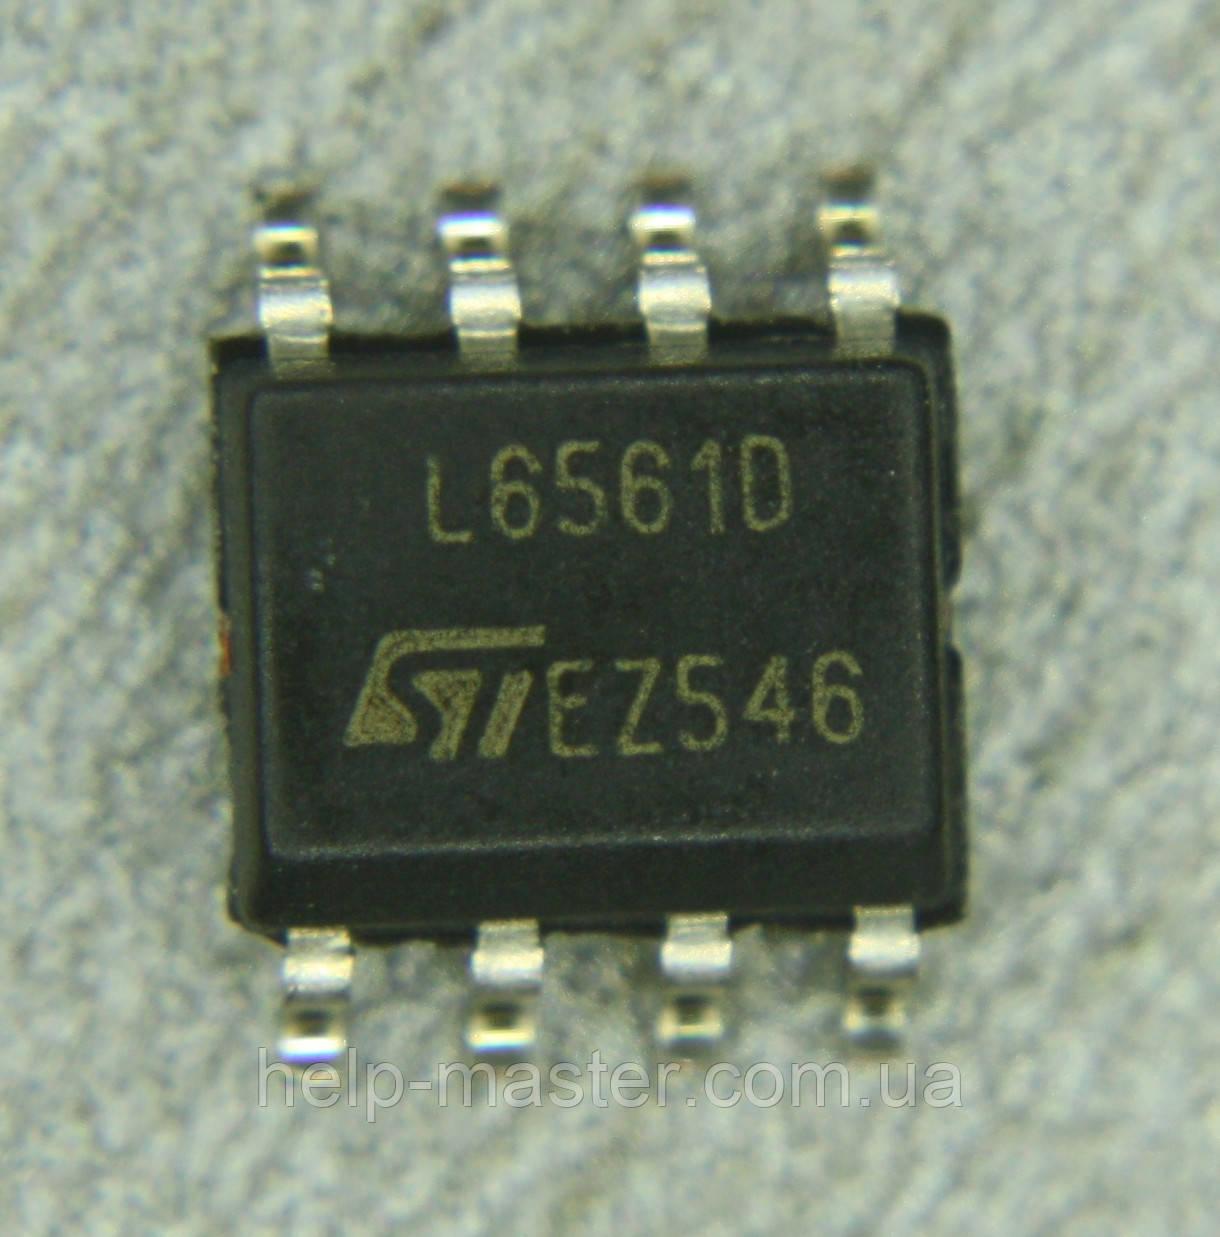 L6561D;   (SO-8)